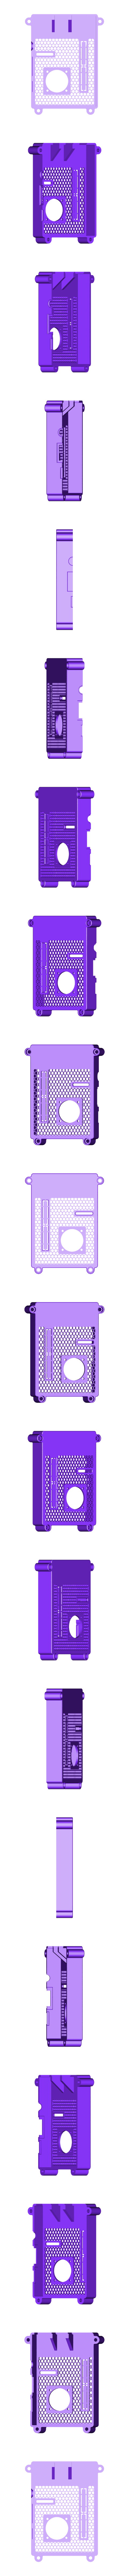 RTS-COVER-25FAN.STL Télécharger fichier STL gratuit Raspberry Pi Étui officiel pour écran tactile Raspberry Pi • Modèle pour imprimante 3D, mkellsy